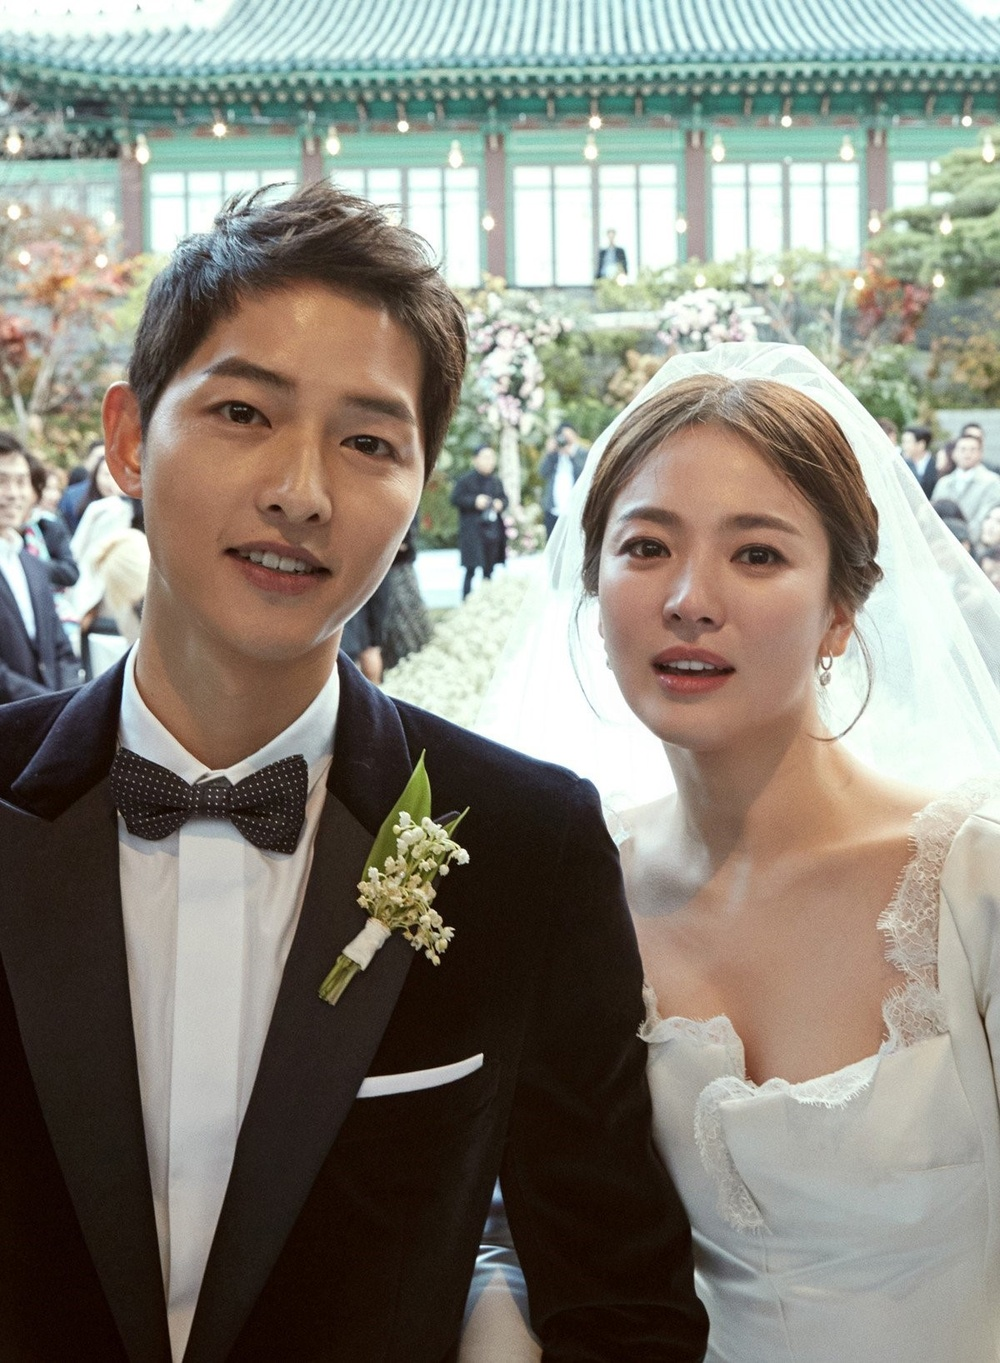 Song Joong Ki thất bại với siêu phẩm 500 tỷ vì lỡ ly hôn Song Hye Kyo: Thật tai hại! Ảnh 8